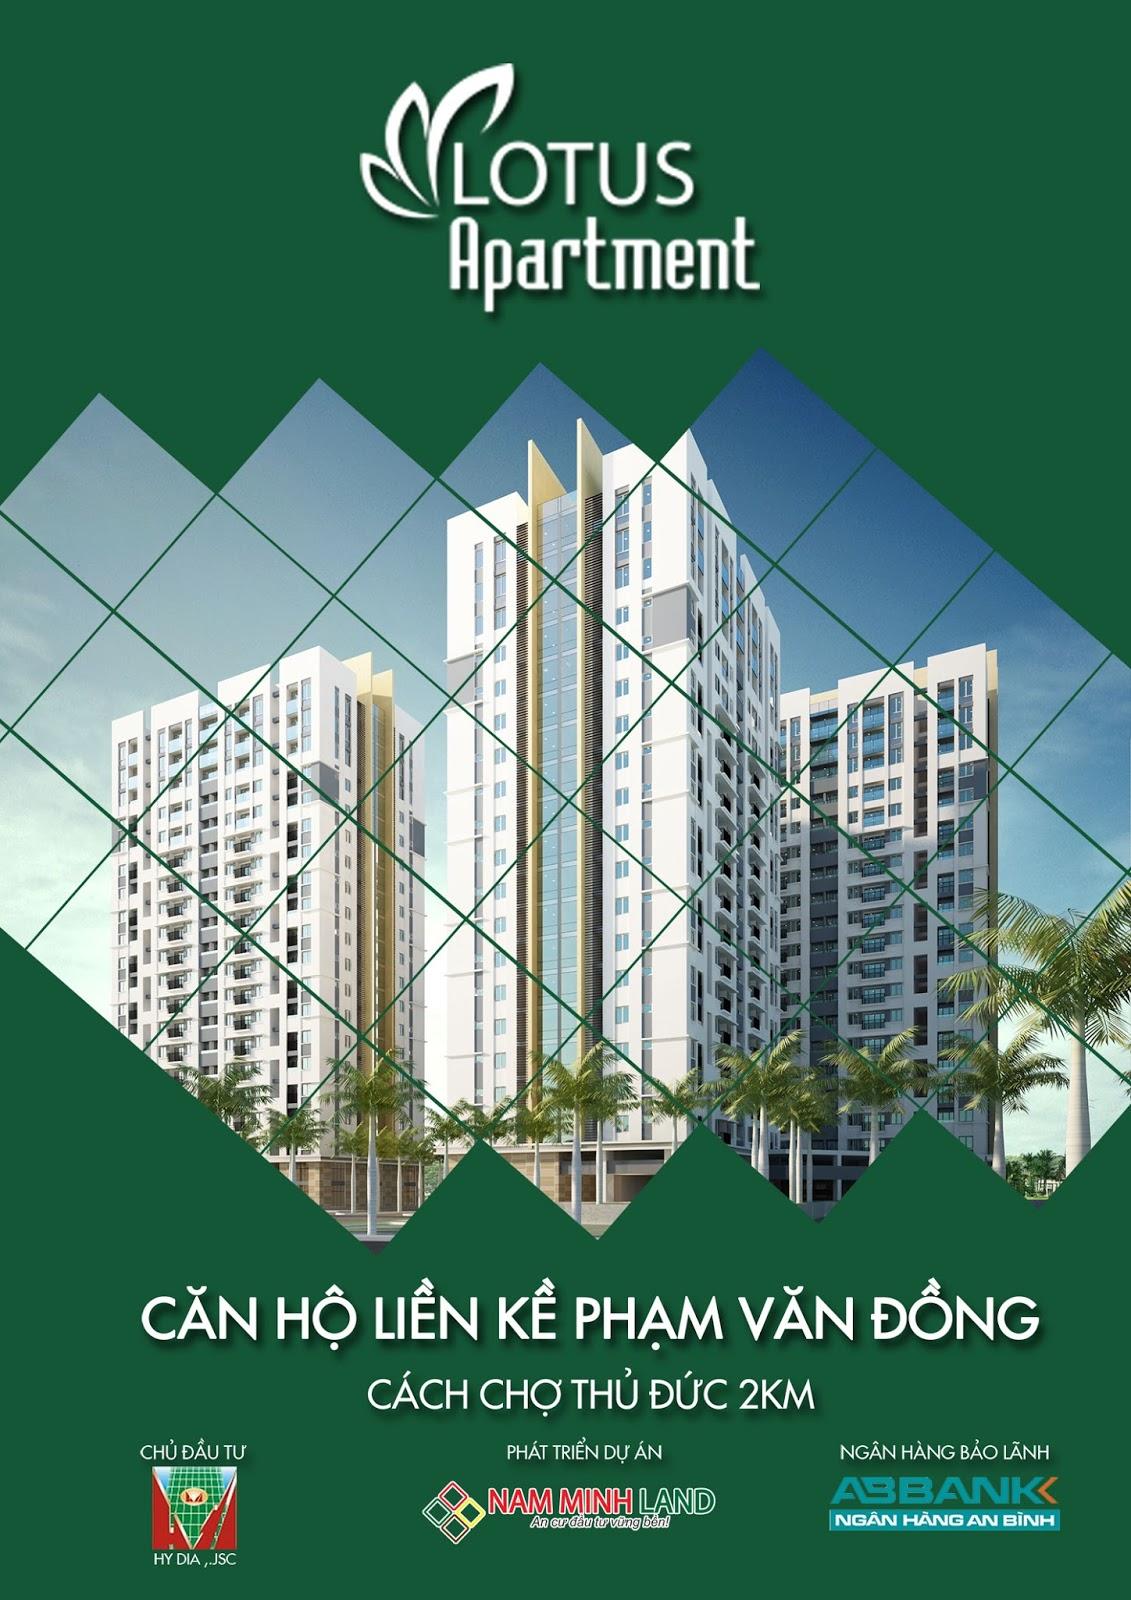 Bán căn hộ golden lotus TP HCM giá rẻ khuyến mãi siêu khủng